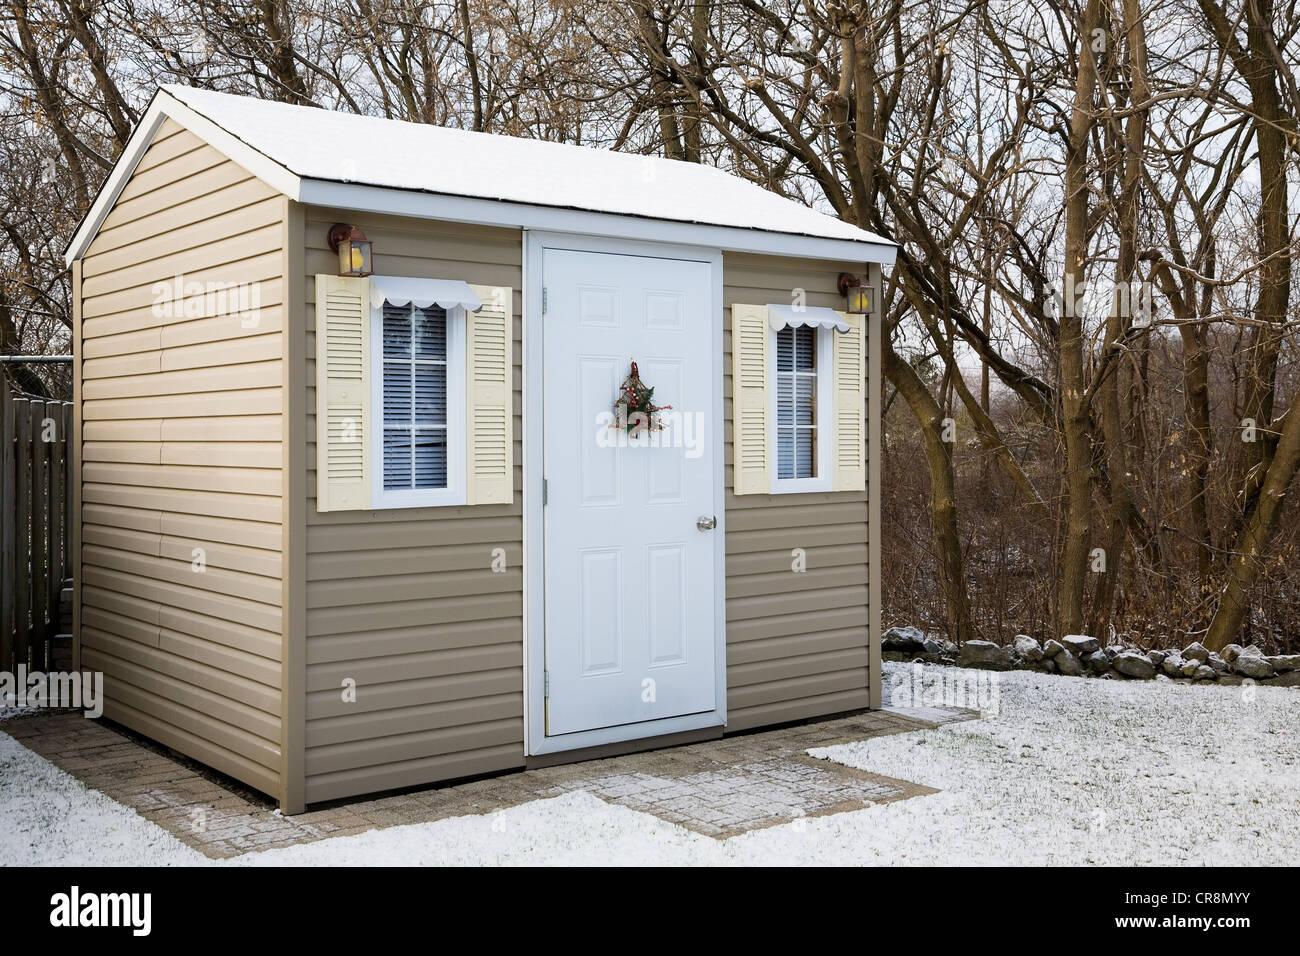 garden shed stockfotos garden shed bilder alamy. Black Bedroom Furniture Sets. Home Design Ideas